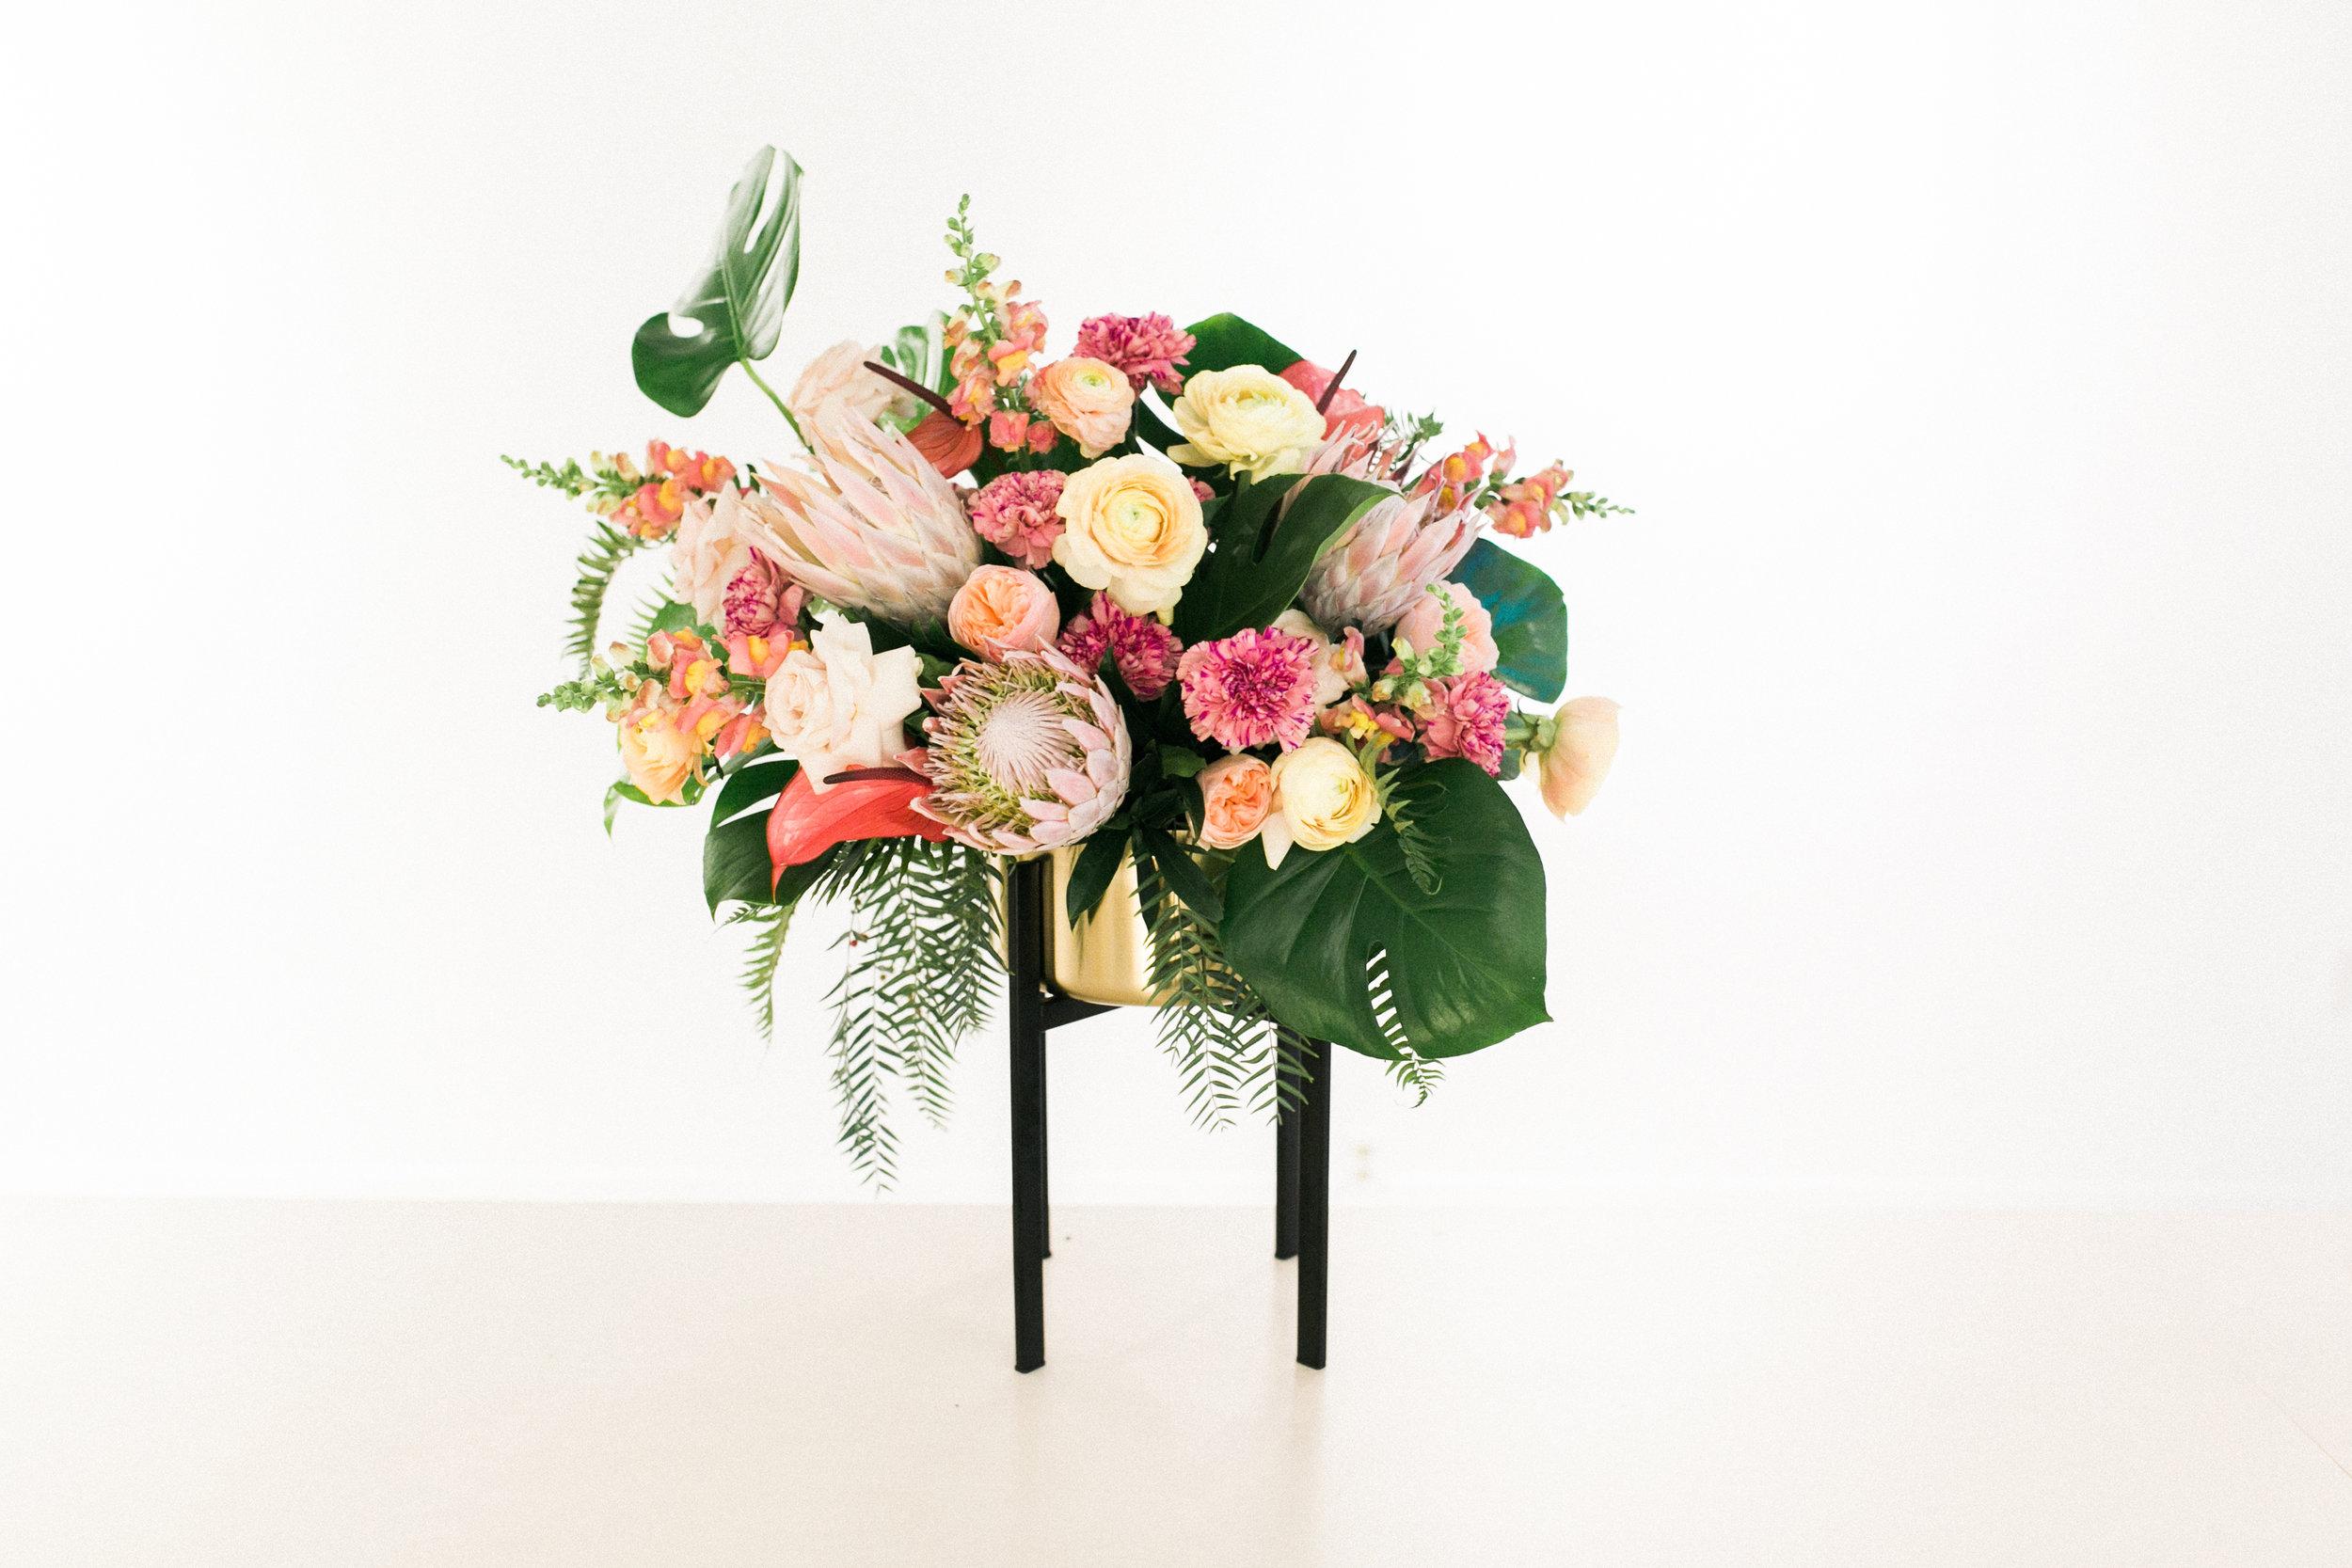 Tropical Floral Arrangement Penticton Florist